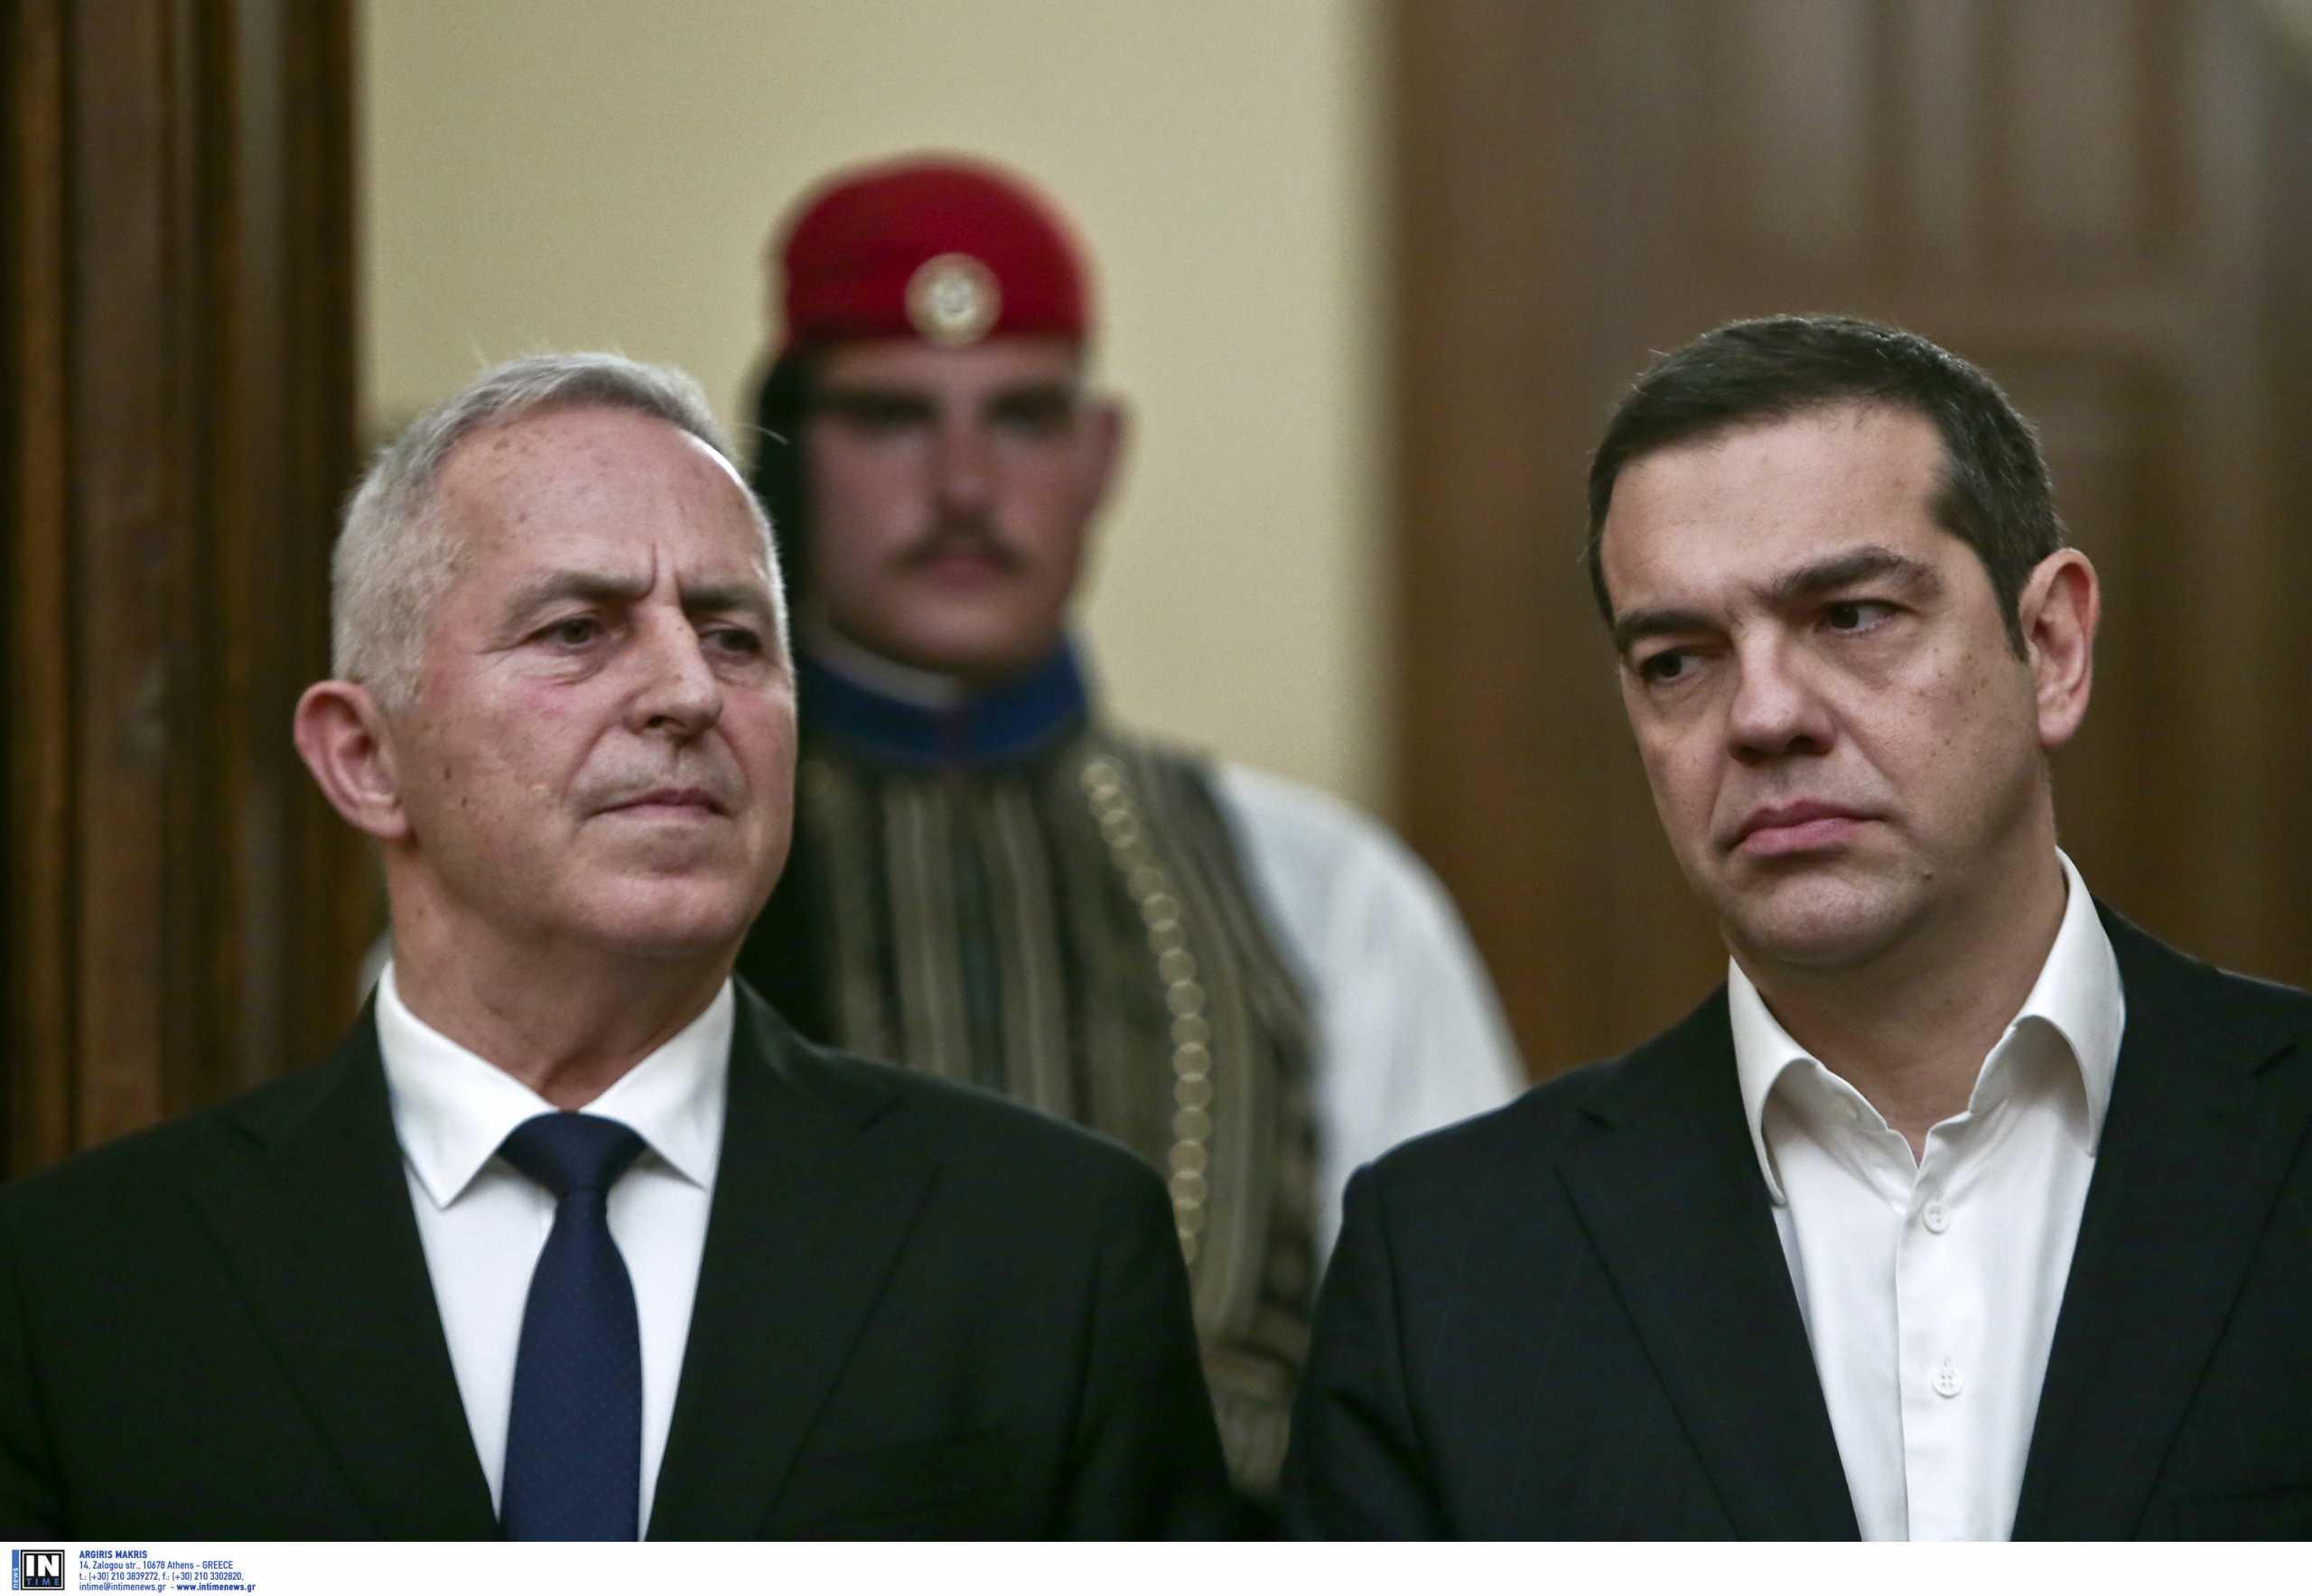 Ευάγγελος Αποστολάκης: Η επικοινωνία με τον Αλέξη Τσίπρα και η προειδοποίηση του Προέδρου του ΣΥΡΙΖΑ